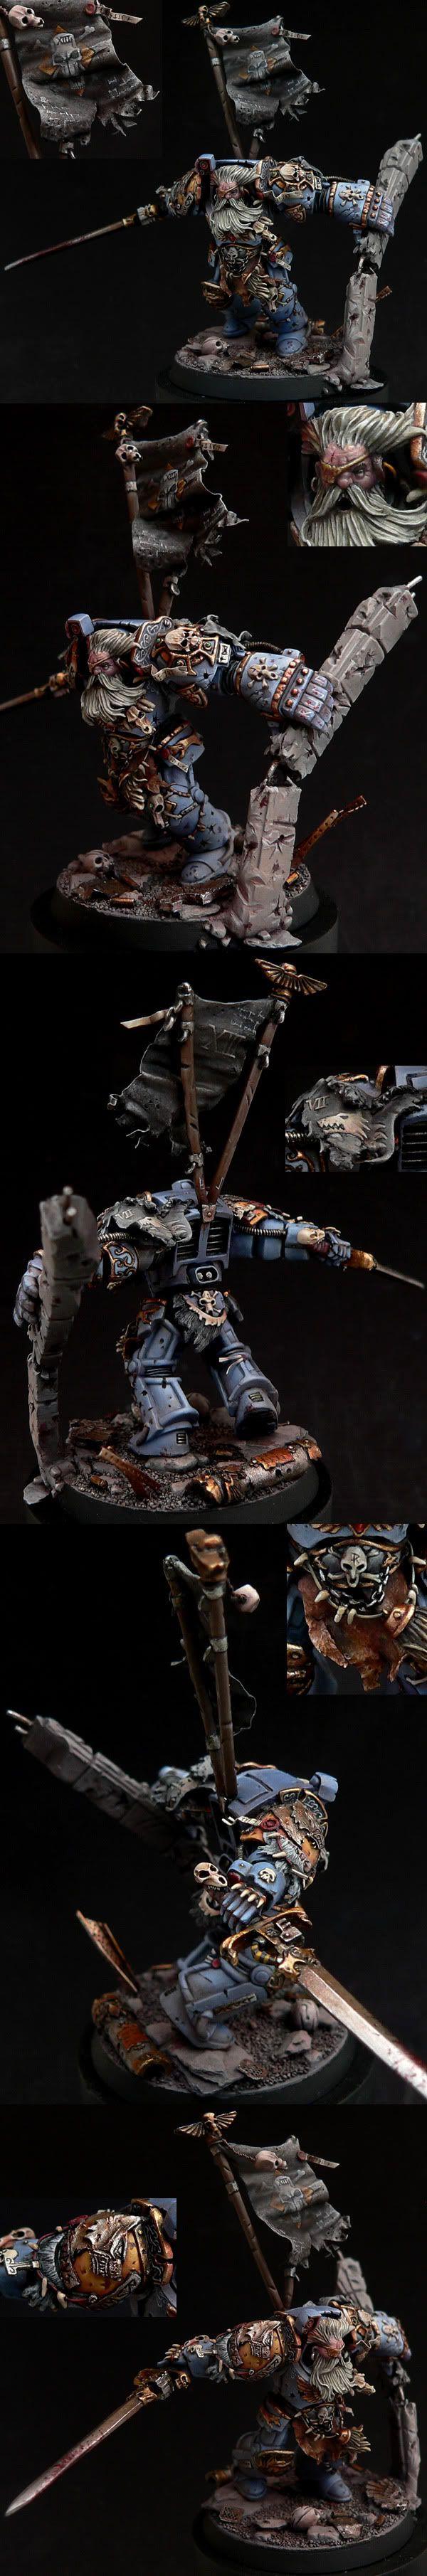 Marine Lobo Espacial, con armadura exterminador.